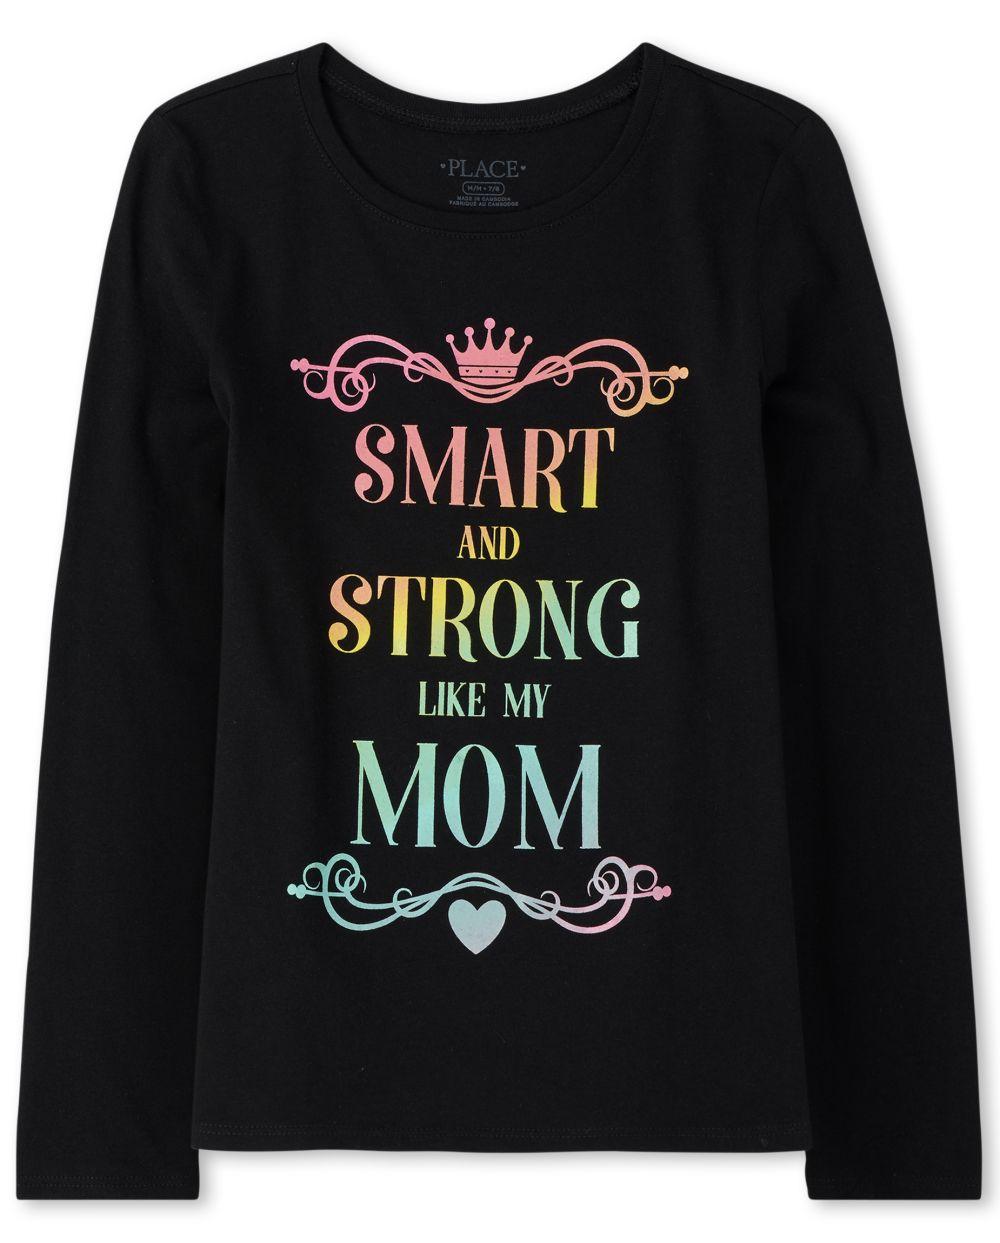 Camiseta con estampado de mamá con purpurina para niñas